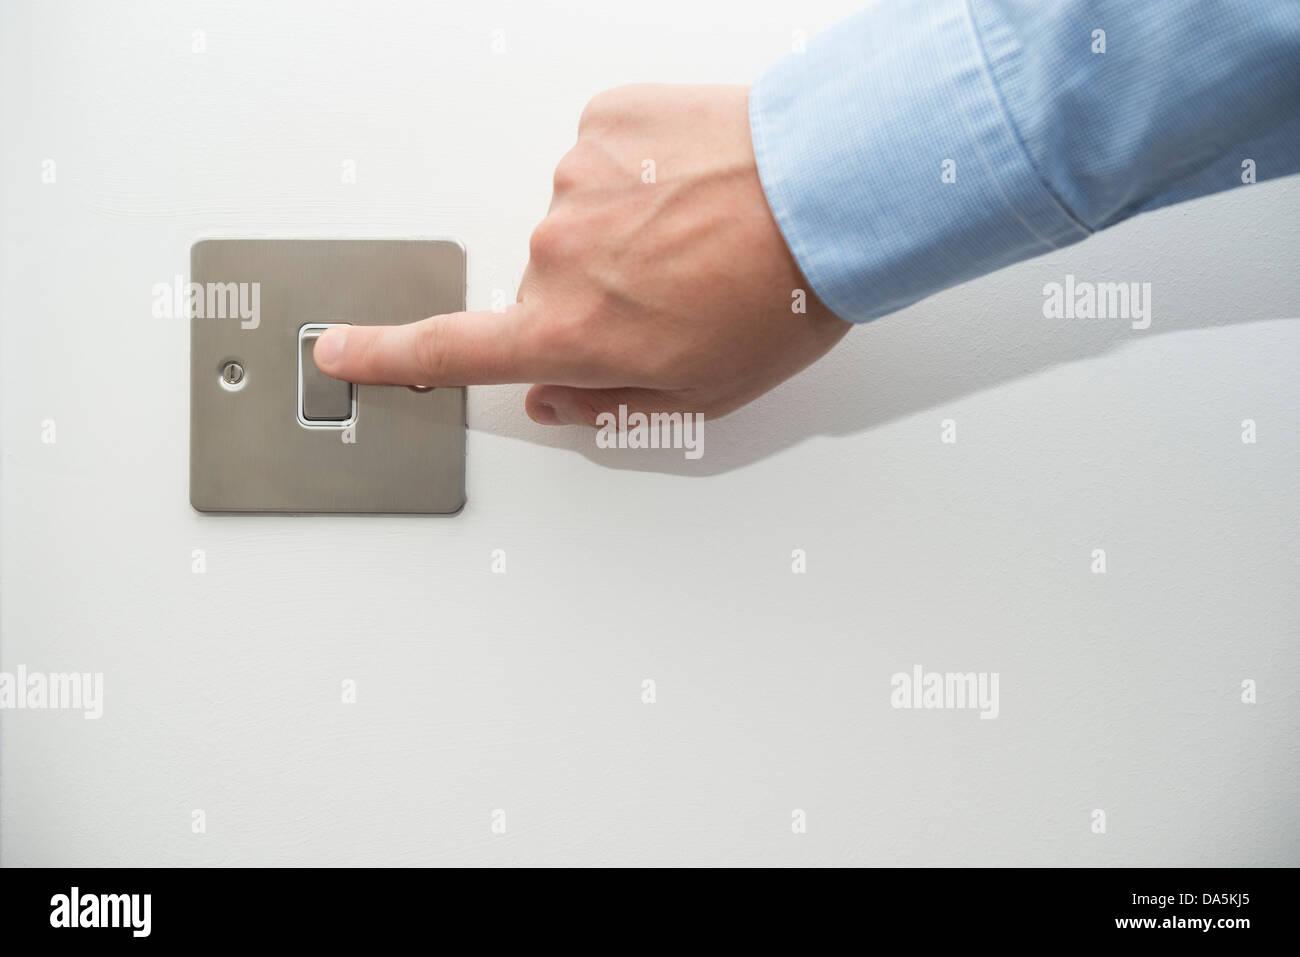 Switching light switch Stock Photo: 57902829 - Alamy